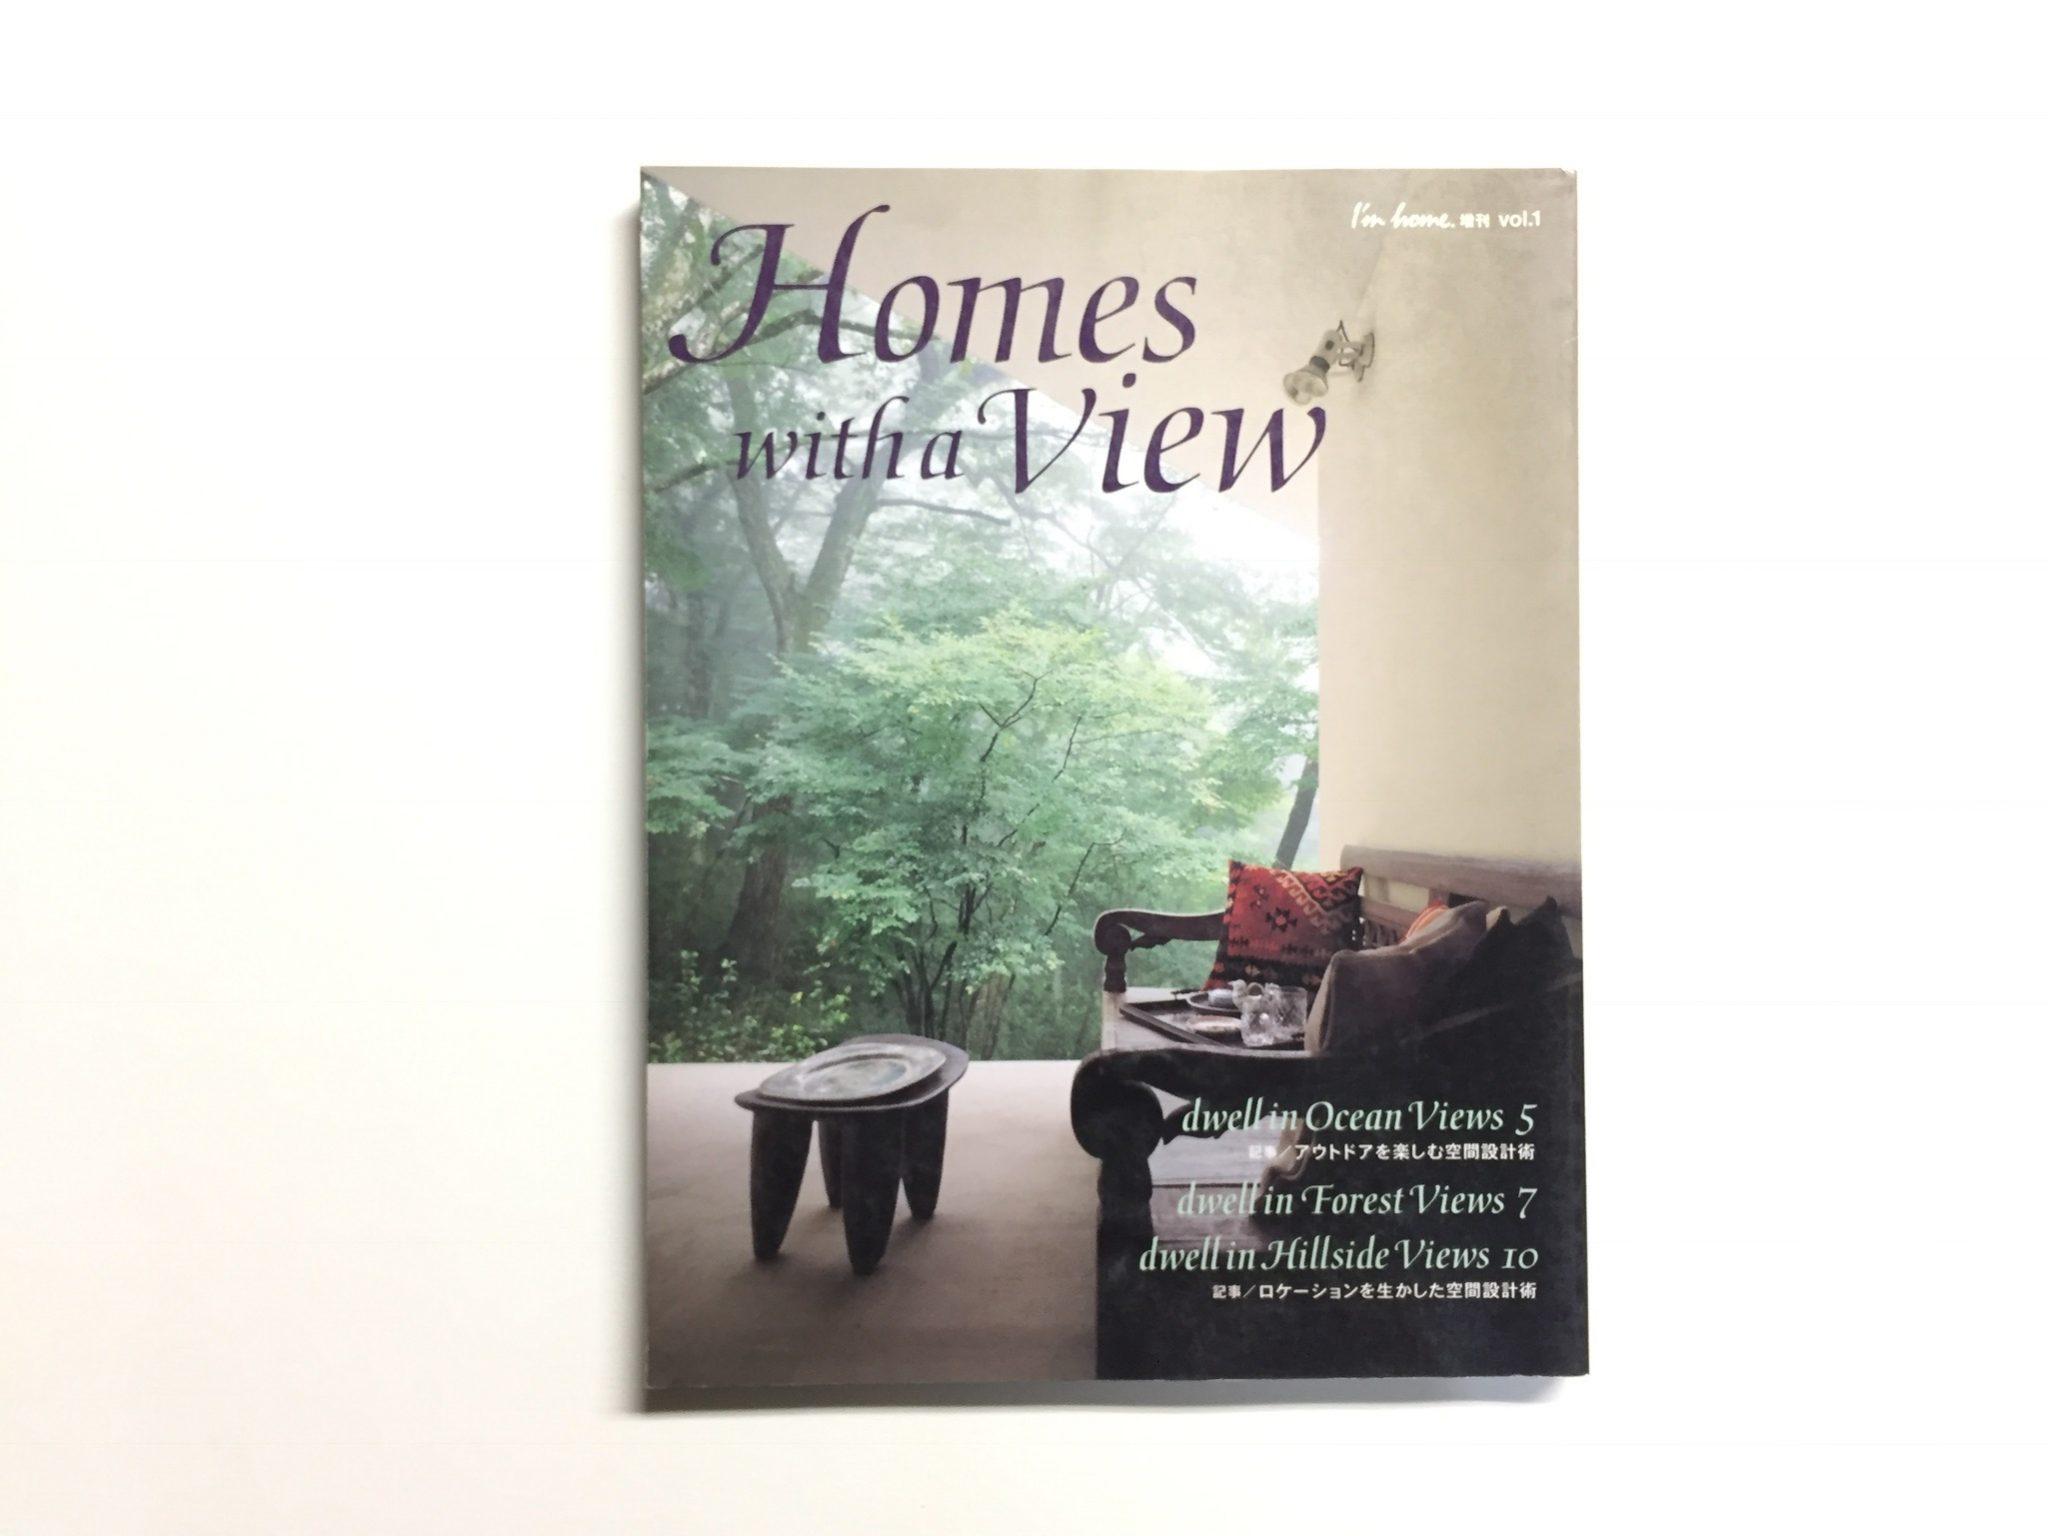 I'm home 増刊 vol.1